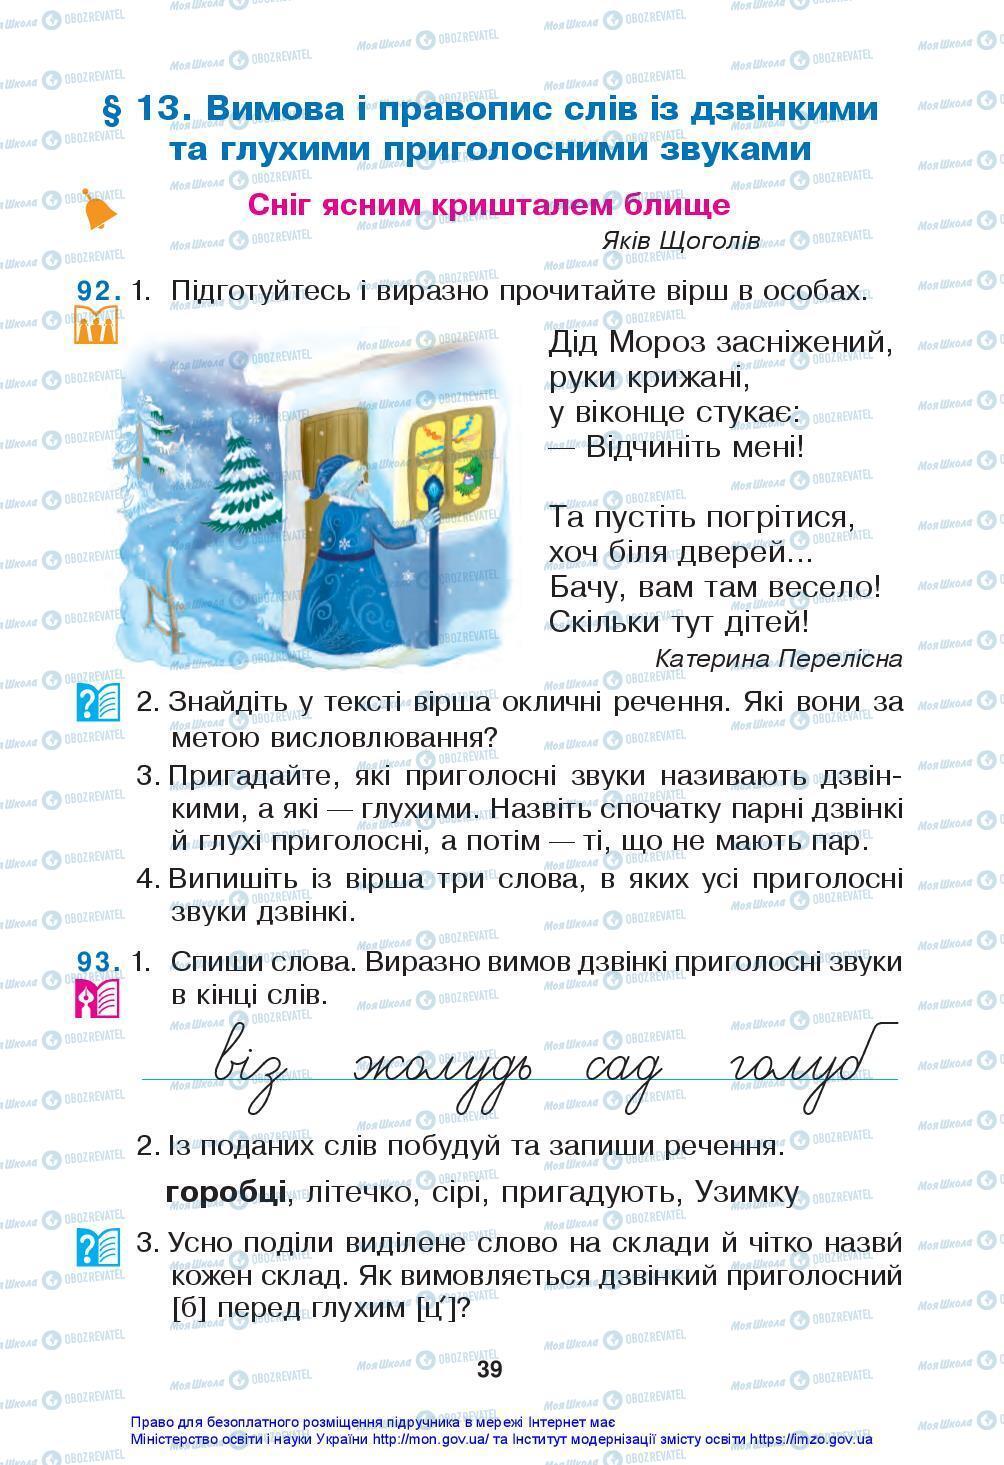 Підручники Українська мова 3 клас сторінка 39